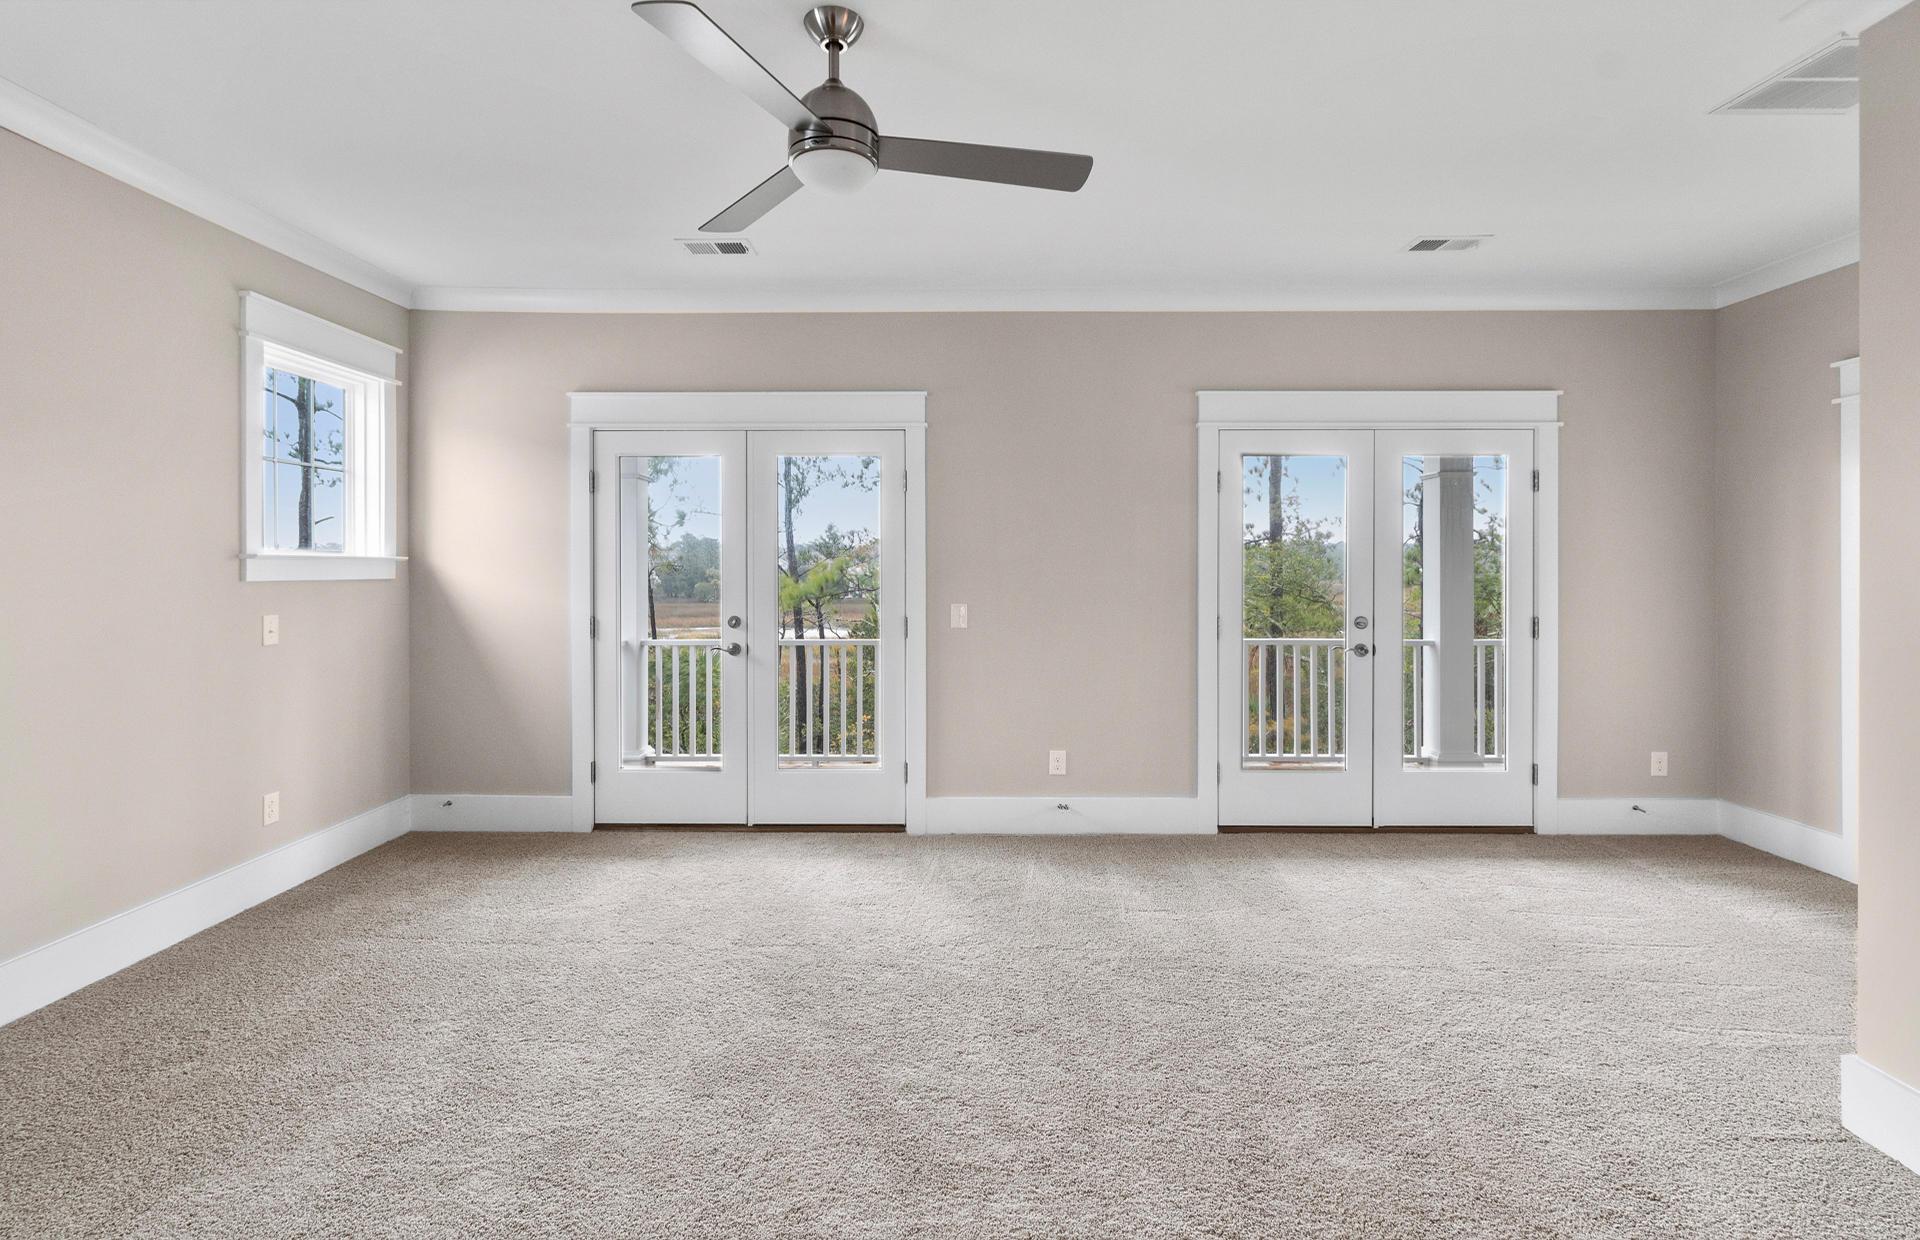 Dunes West Homes For Sale - 2697 Dutchman, Mount Pleasant, SC - 7